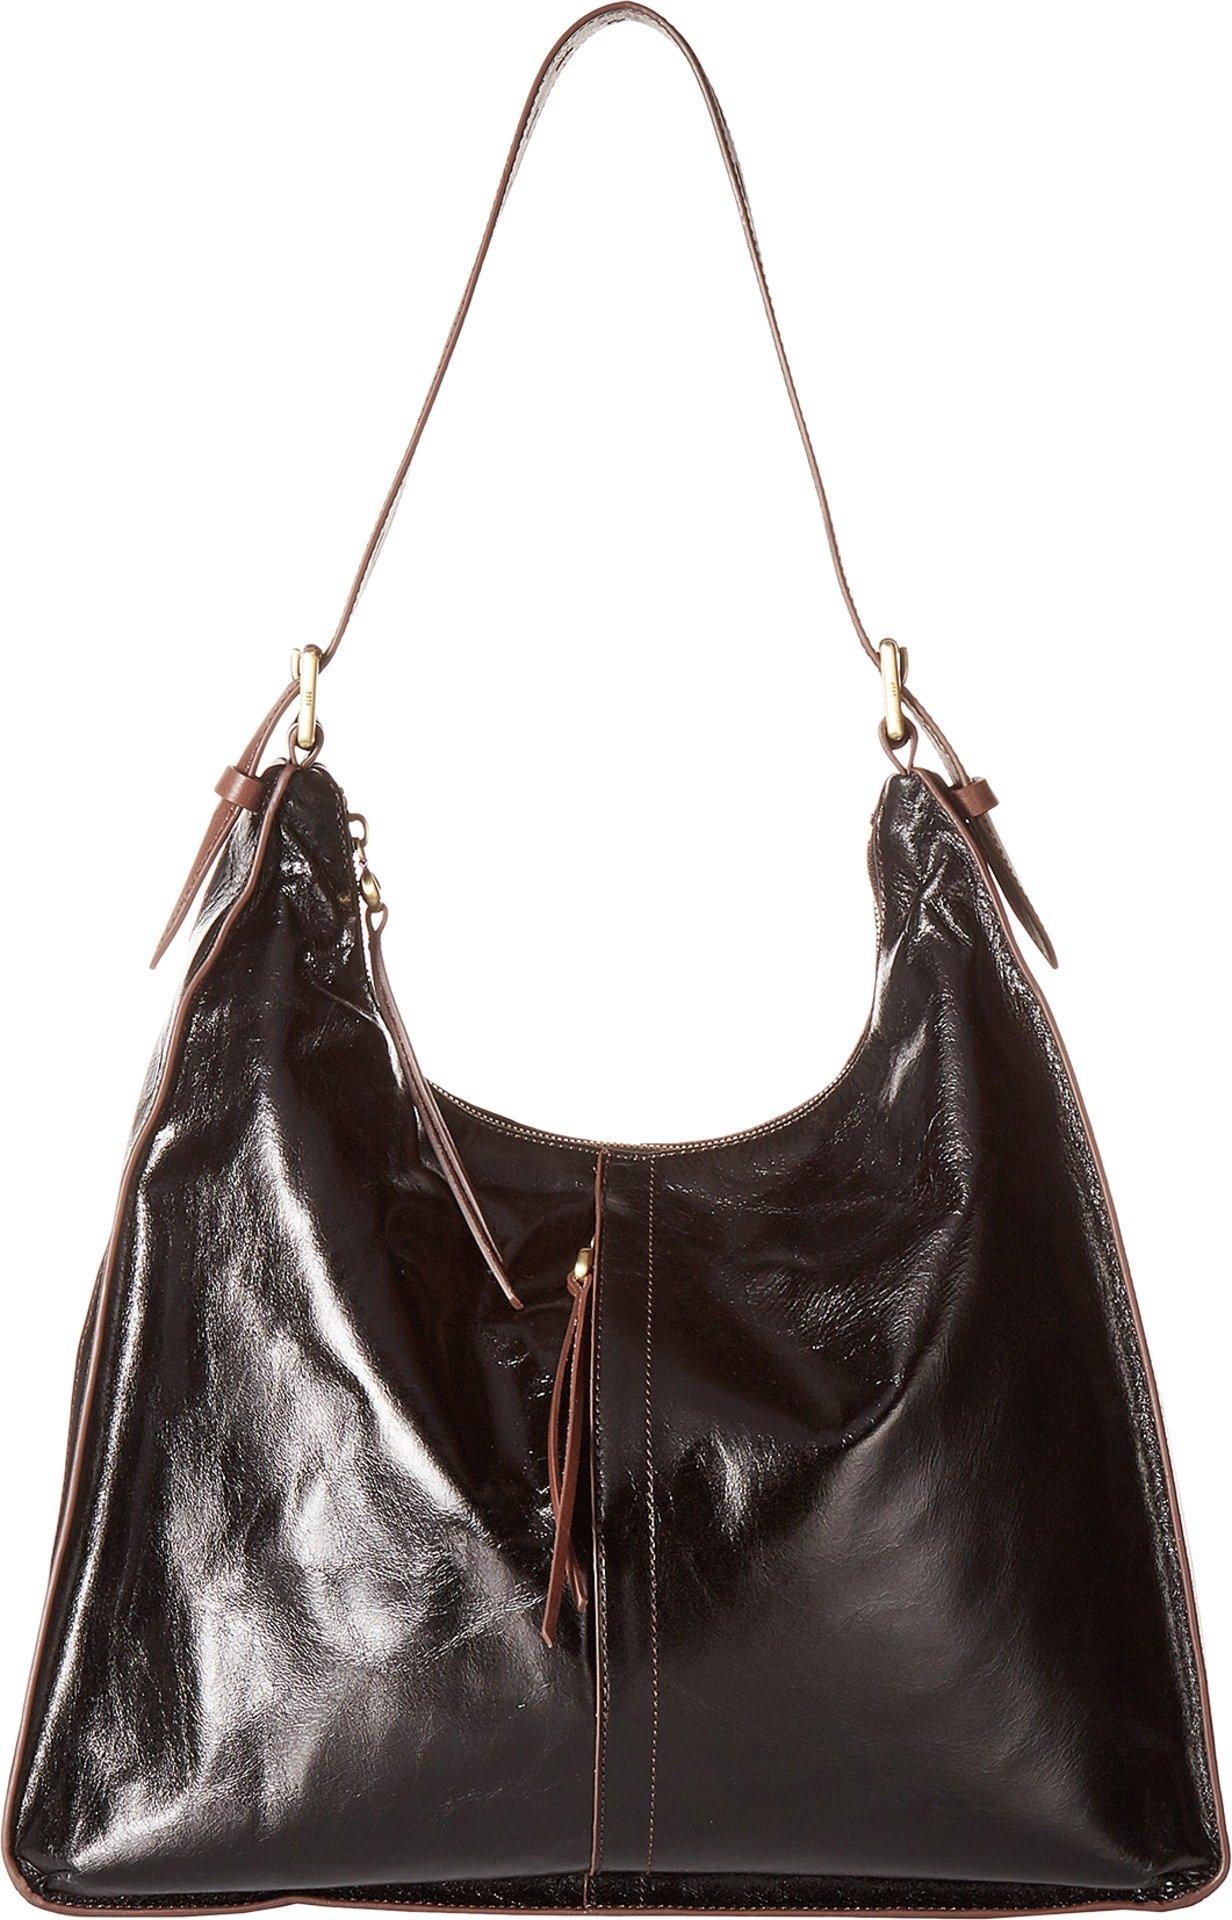 Hobo Women's Leather Marley Shoulder Bag (Black)